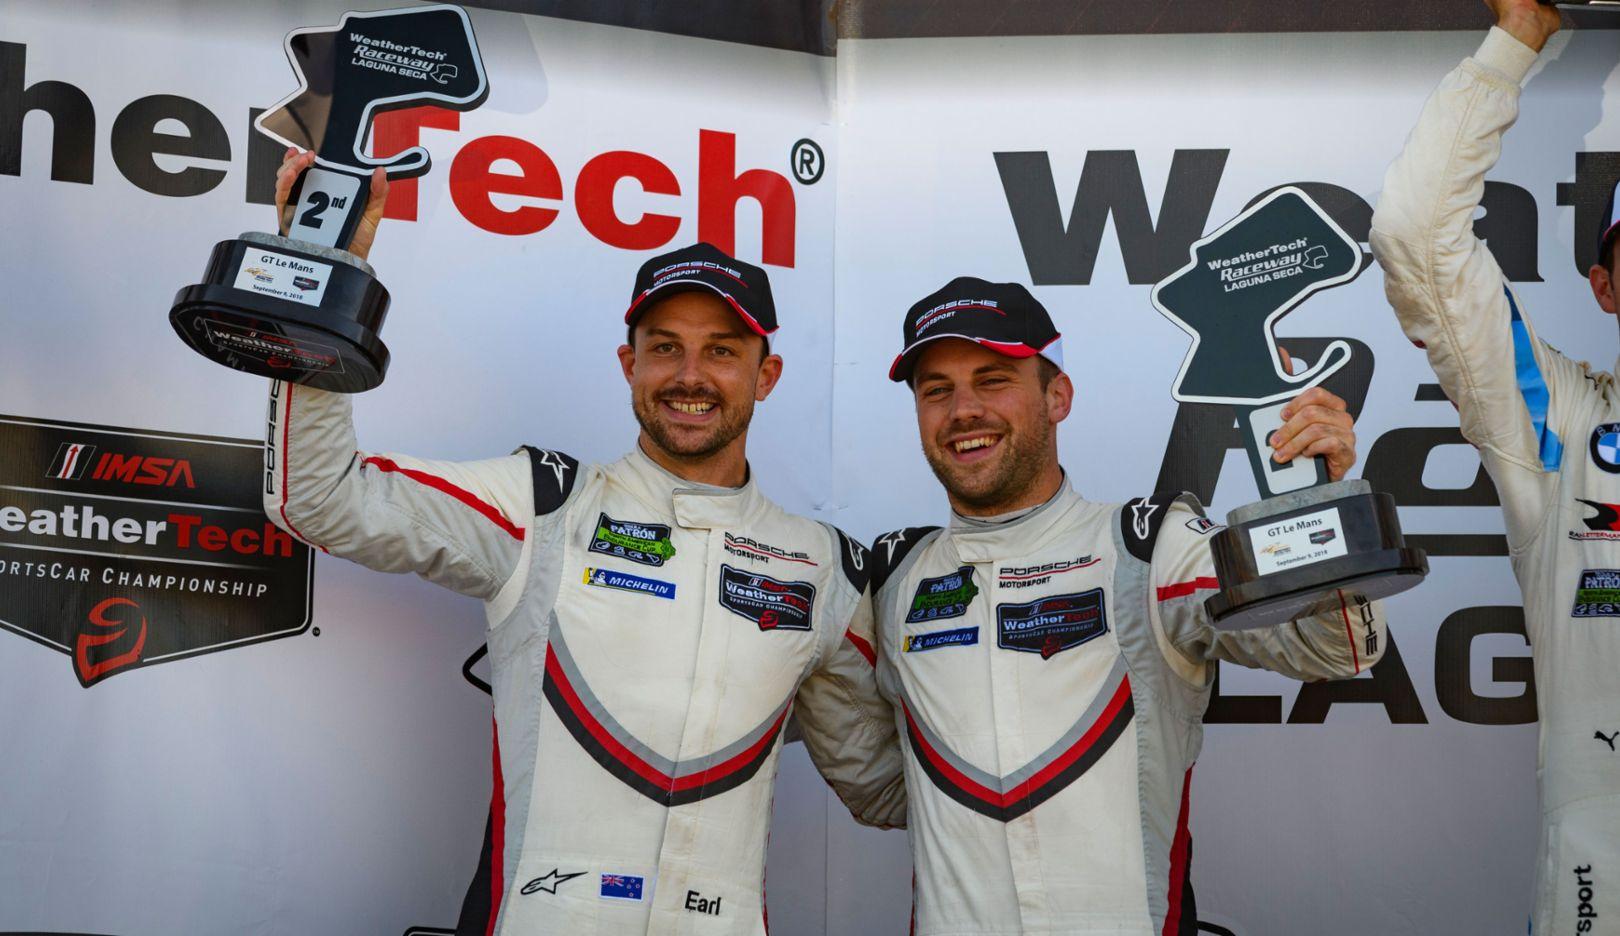 Earl Bamber, Laurens Vanthoor, IMSA WeatherTech SportsCar Championship, Rennen, Laguna Seca, 2018, Porsche AG